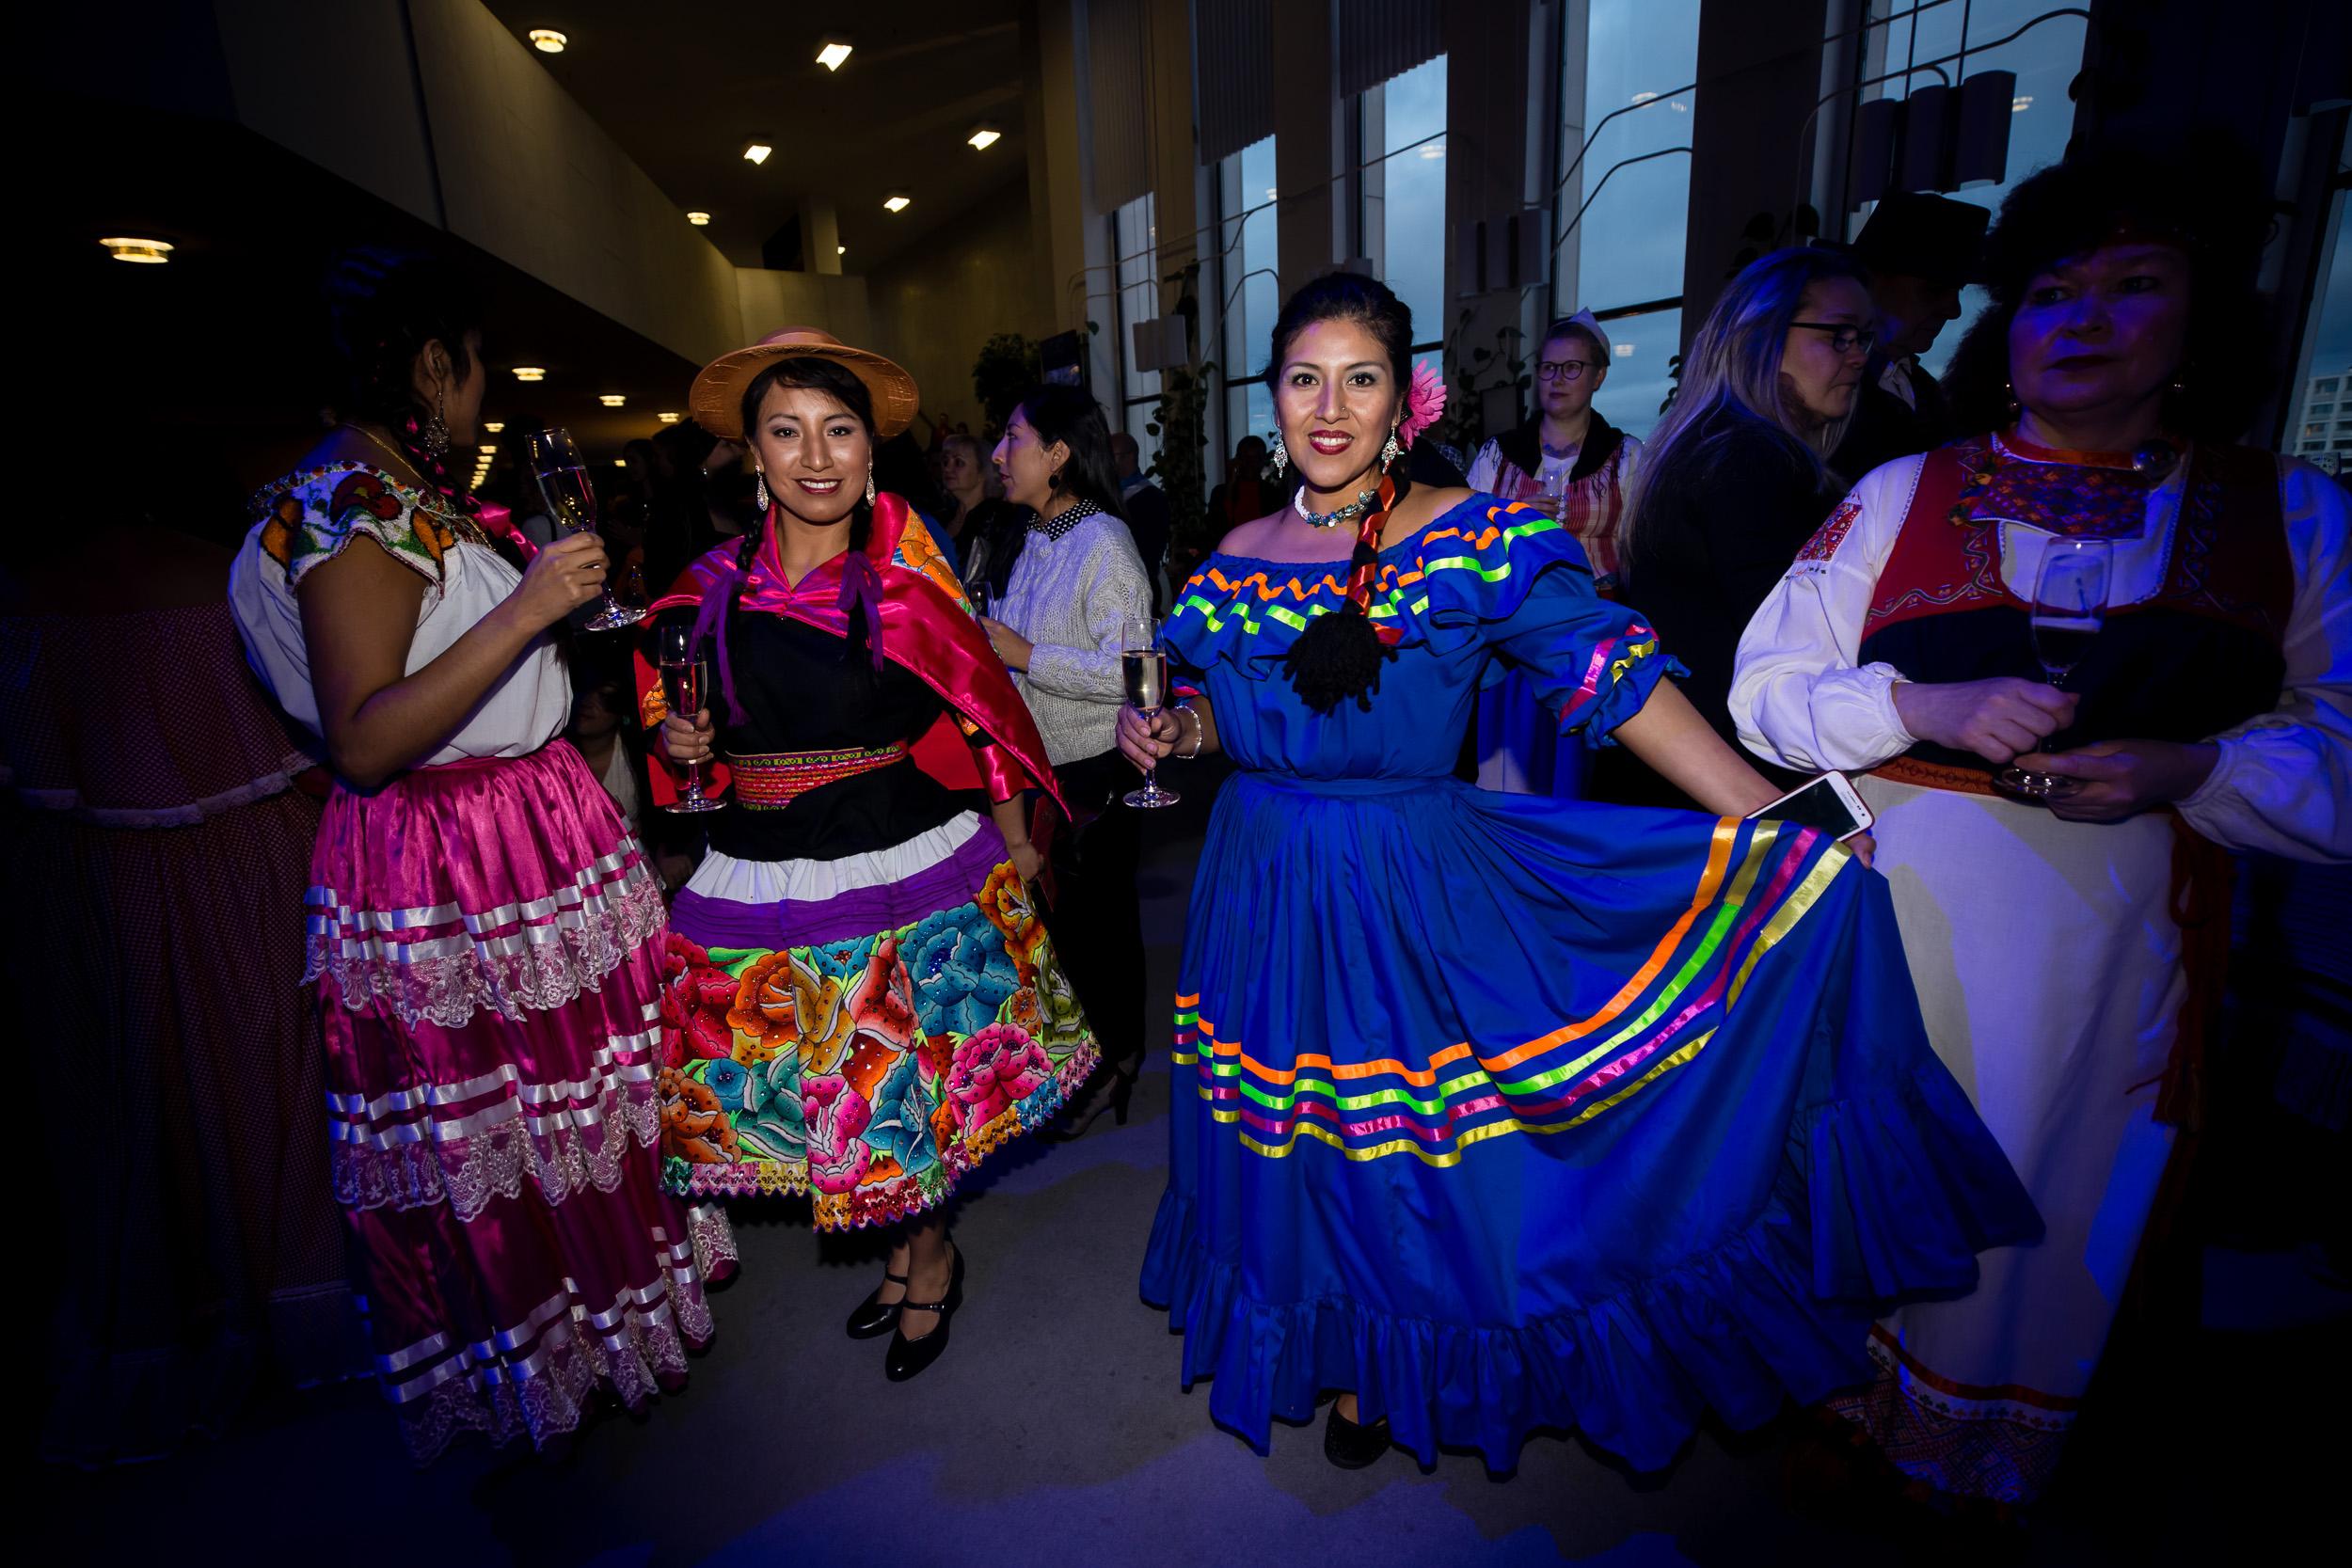 Monikulttuurinen itsenäisyyspäiväjuhla 06Dec17 c Alejandro Lorenzo 403.jpg